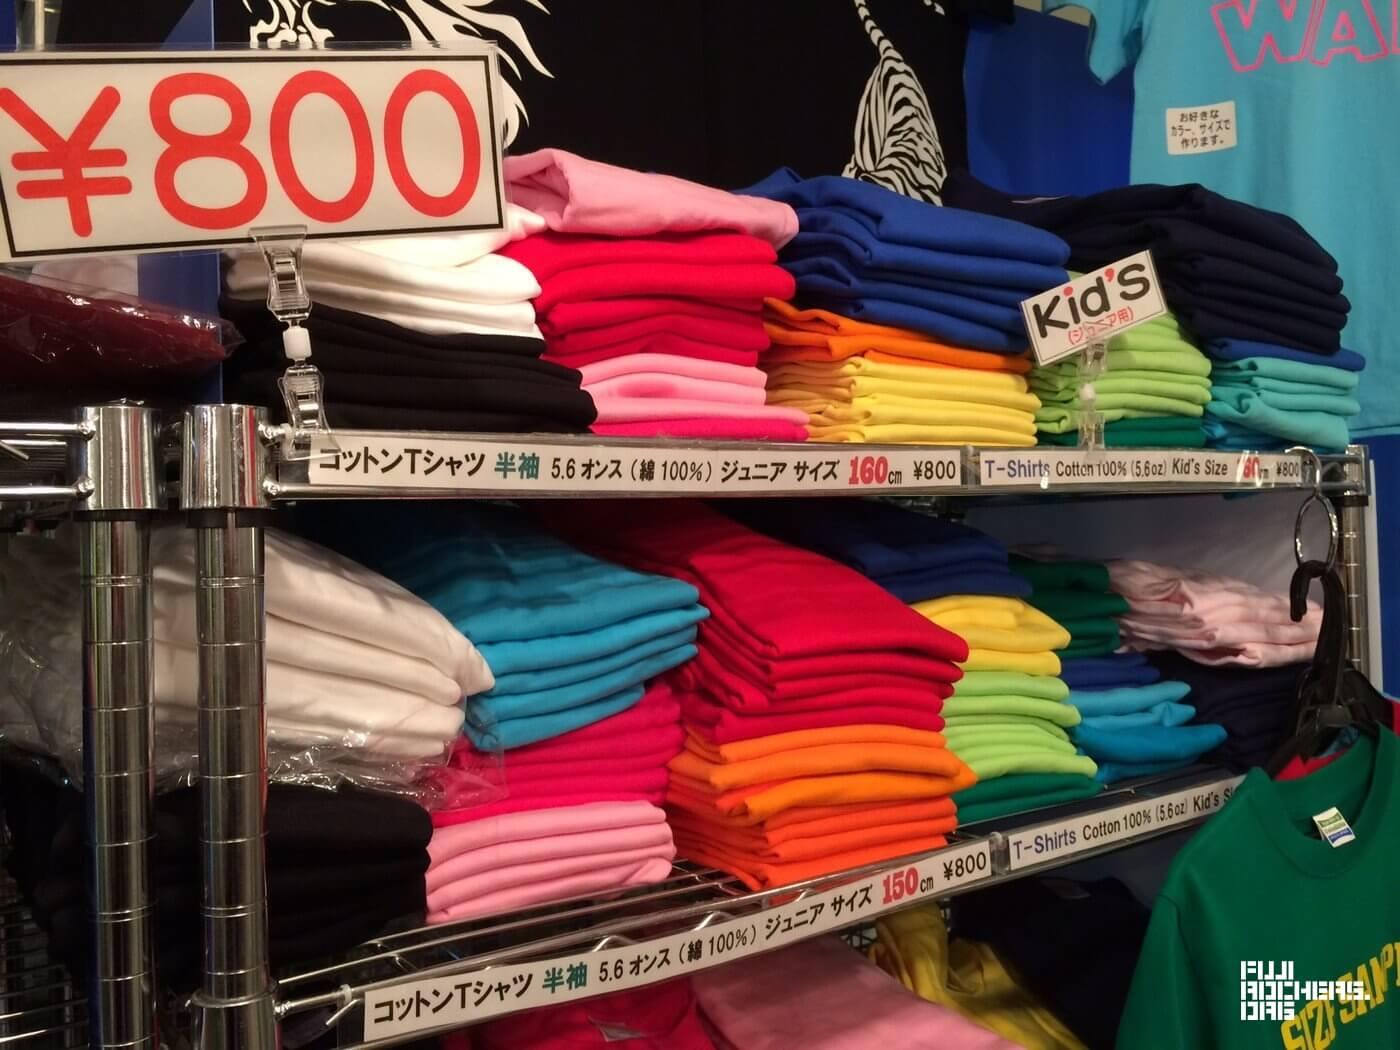 苗プリで無地Tシャツ売っています(キッズ~大人サイズ)